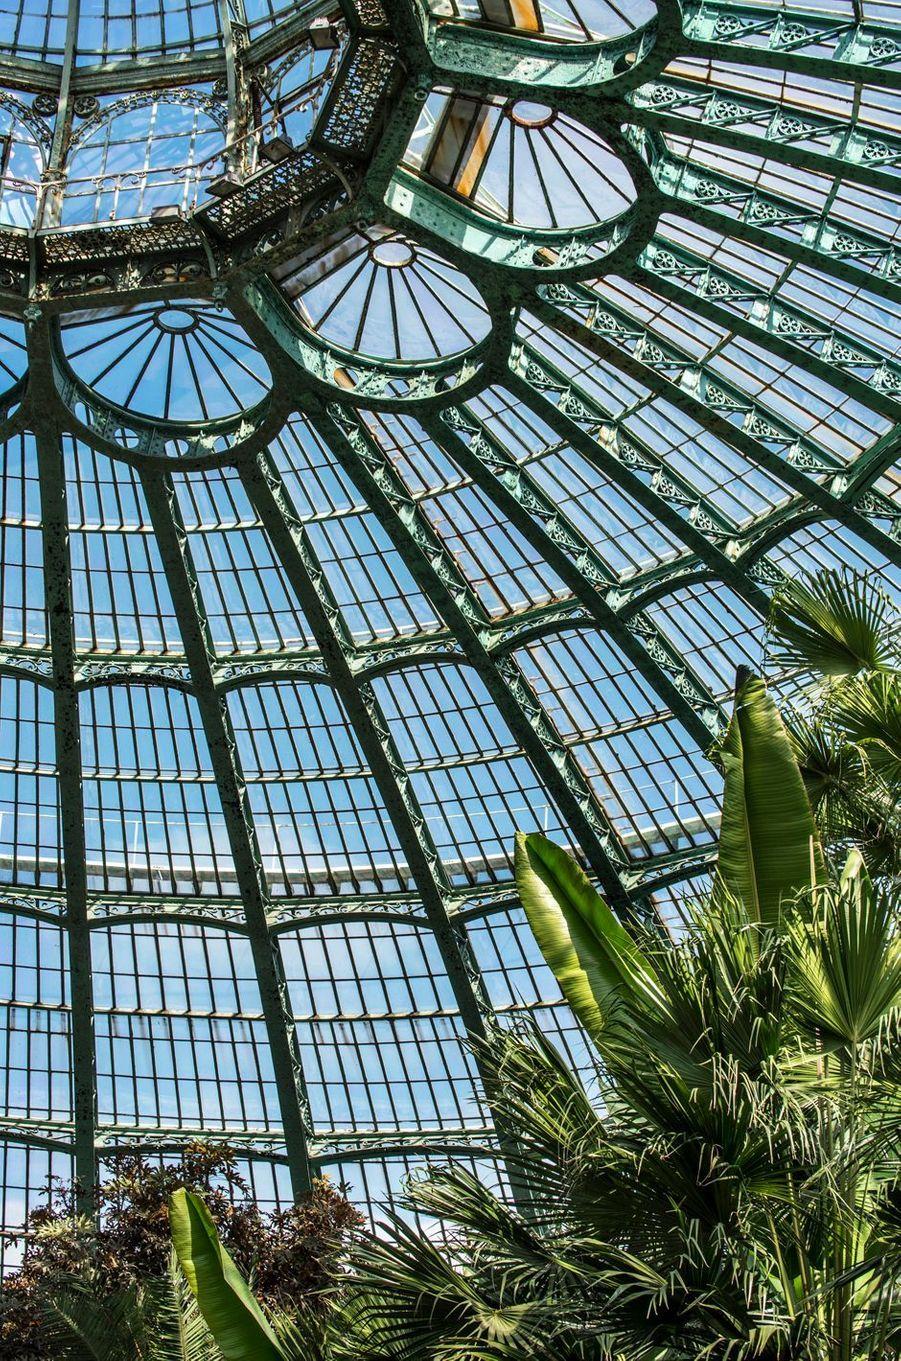 Les serres royales de Laeken à Bruxelles, le 21 avril 2015 : détail d'architecture du jardin d'hiver